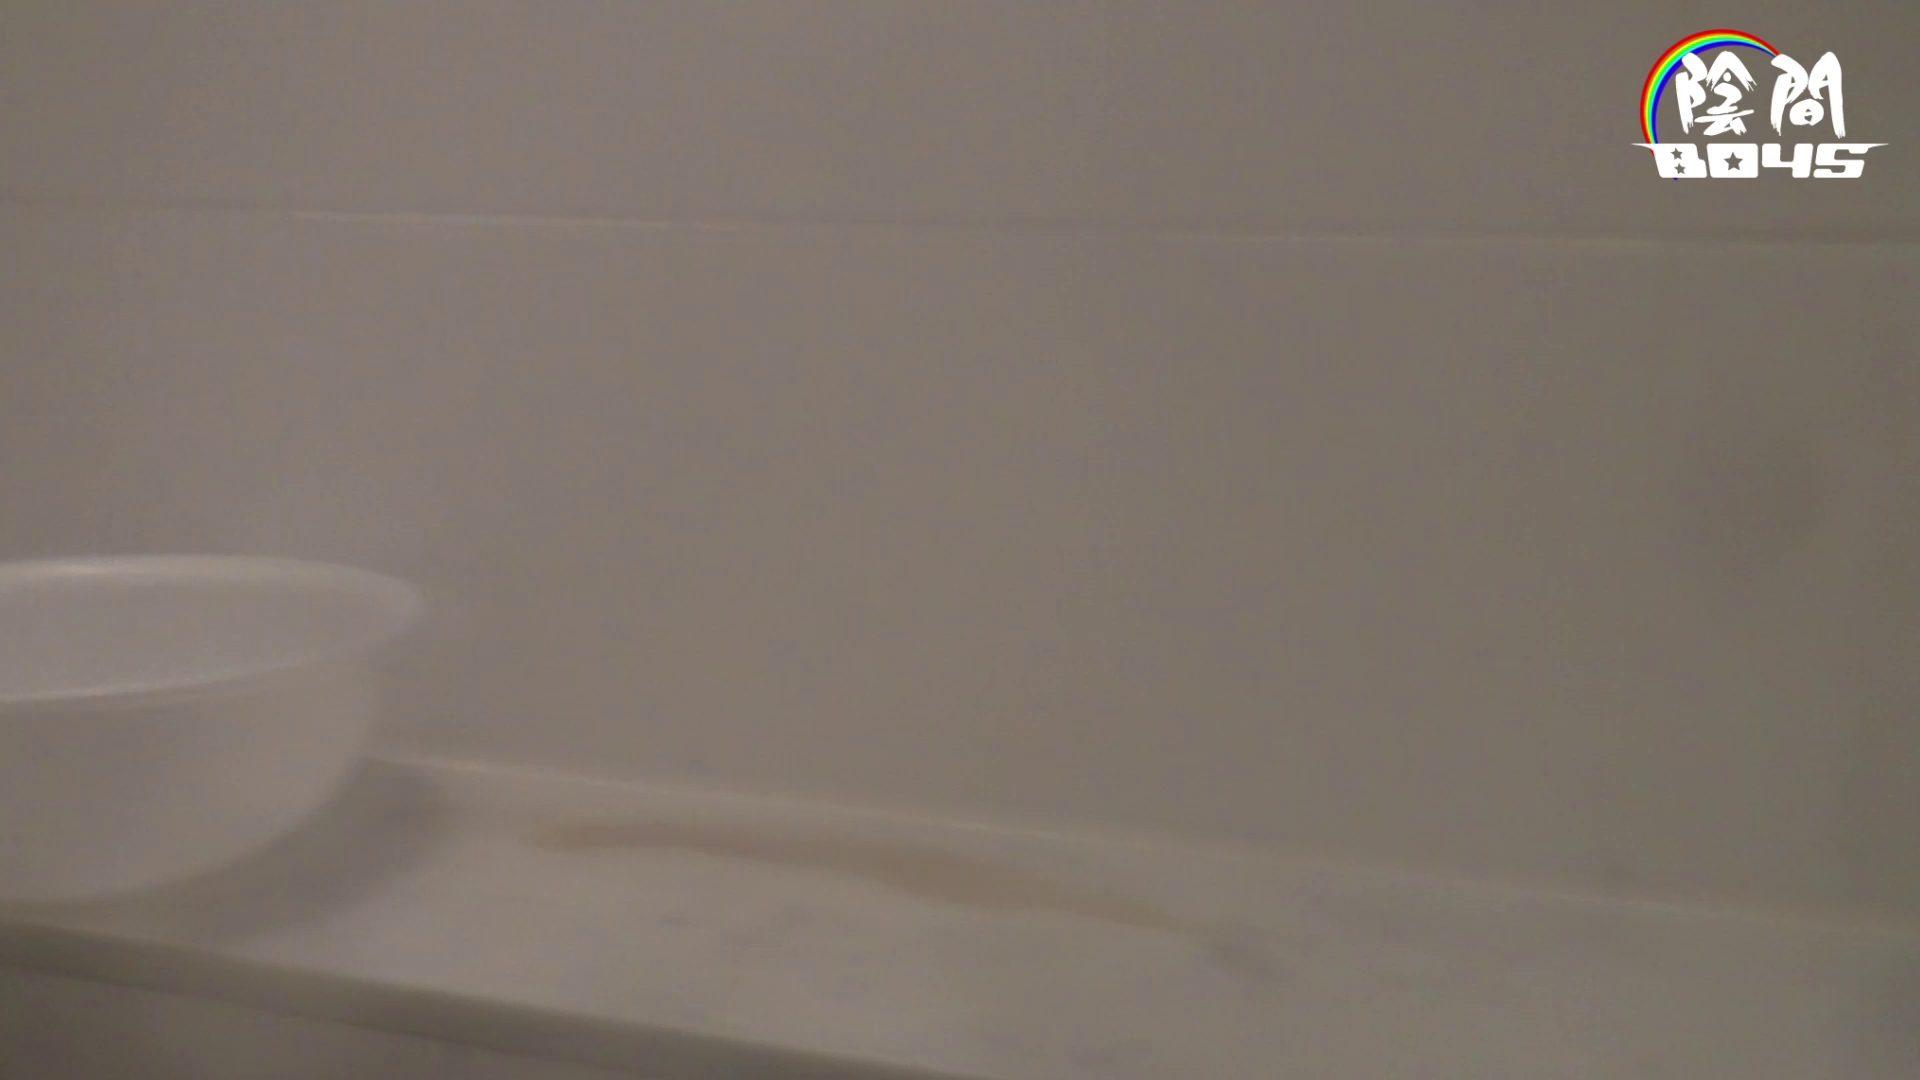 「君のアナルは」part1  ~ノンケの掟破り~Vol.01 お尻の穴 ゲイフリーエロ画像 85pic 39